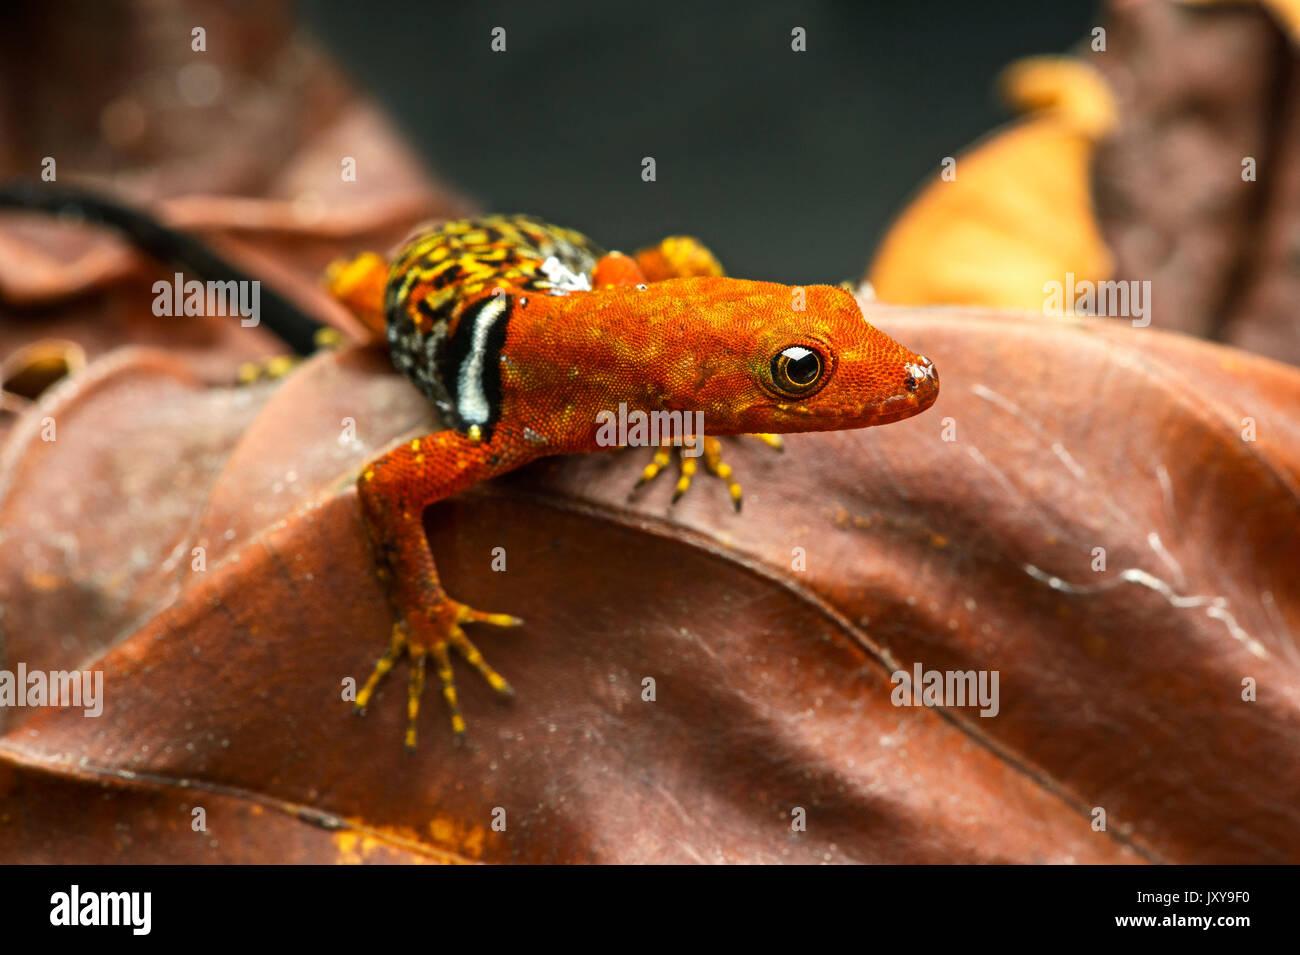 O'Shaughnessy's gecko (Gonatodes concinnatus) mâle, une espèce de gecko diurne, sphaerodactylidae, forêt amazonienne, dans le Parc National Yasuní, ECU Banque D'Images